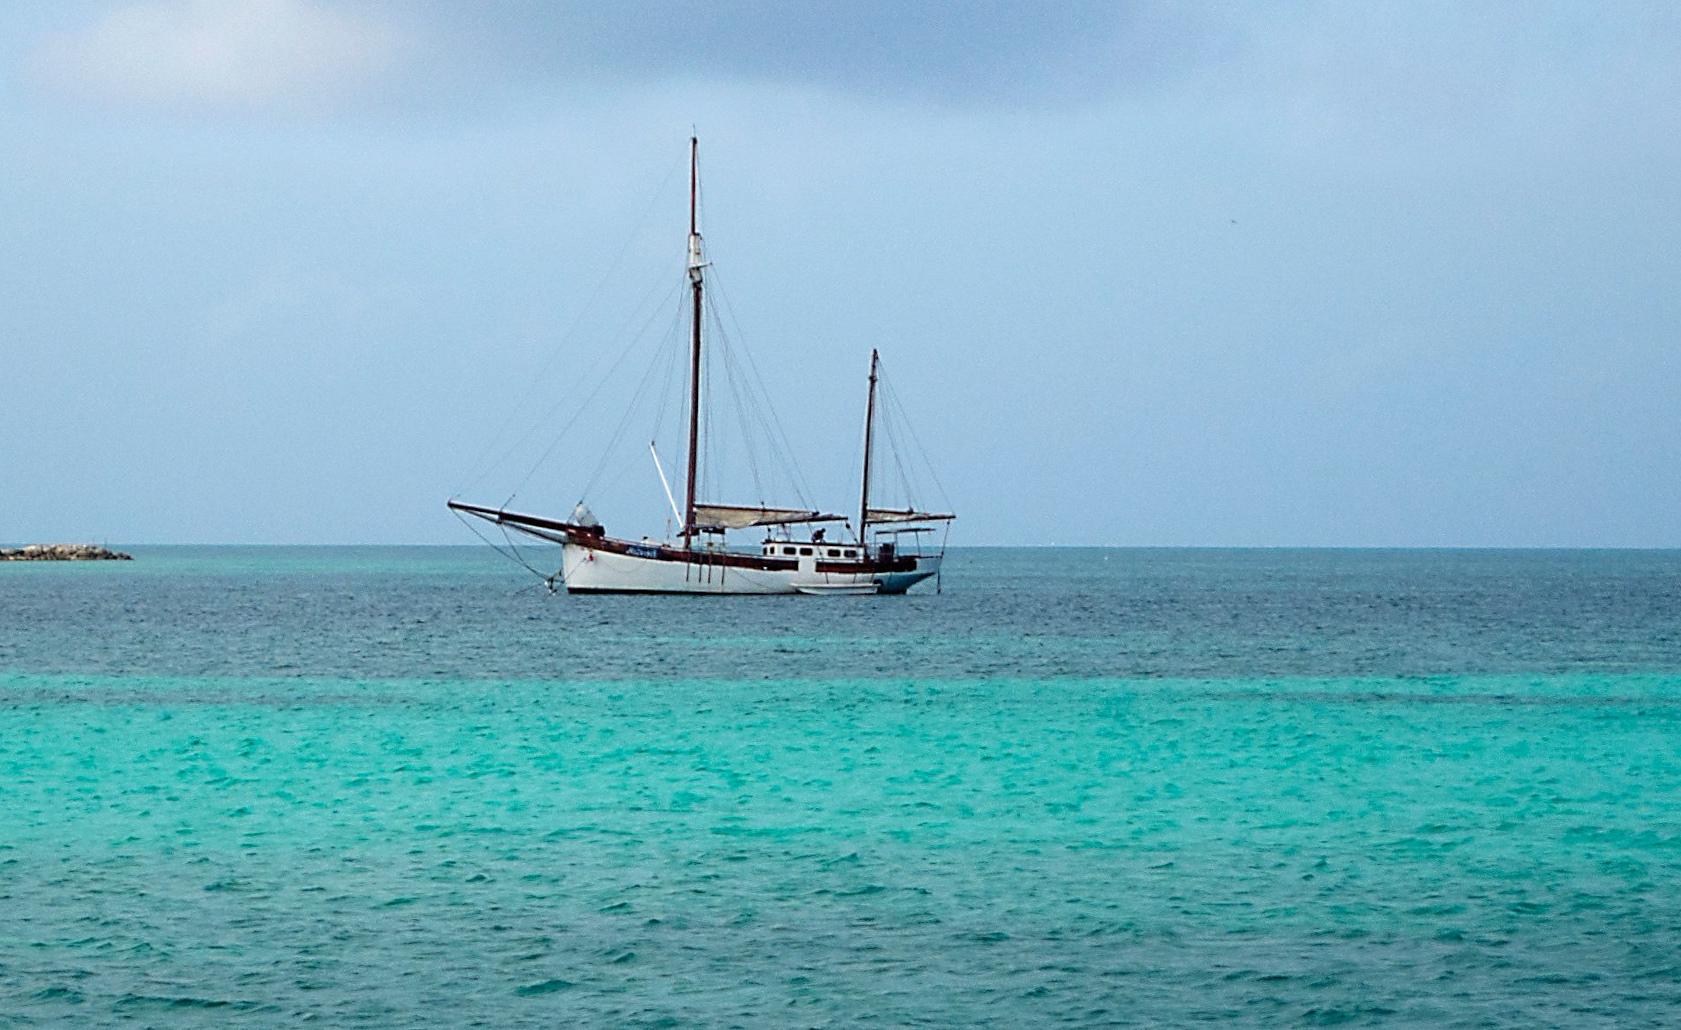 An old ship on an emerald sea.